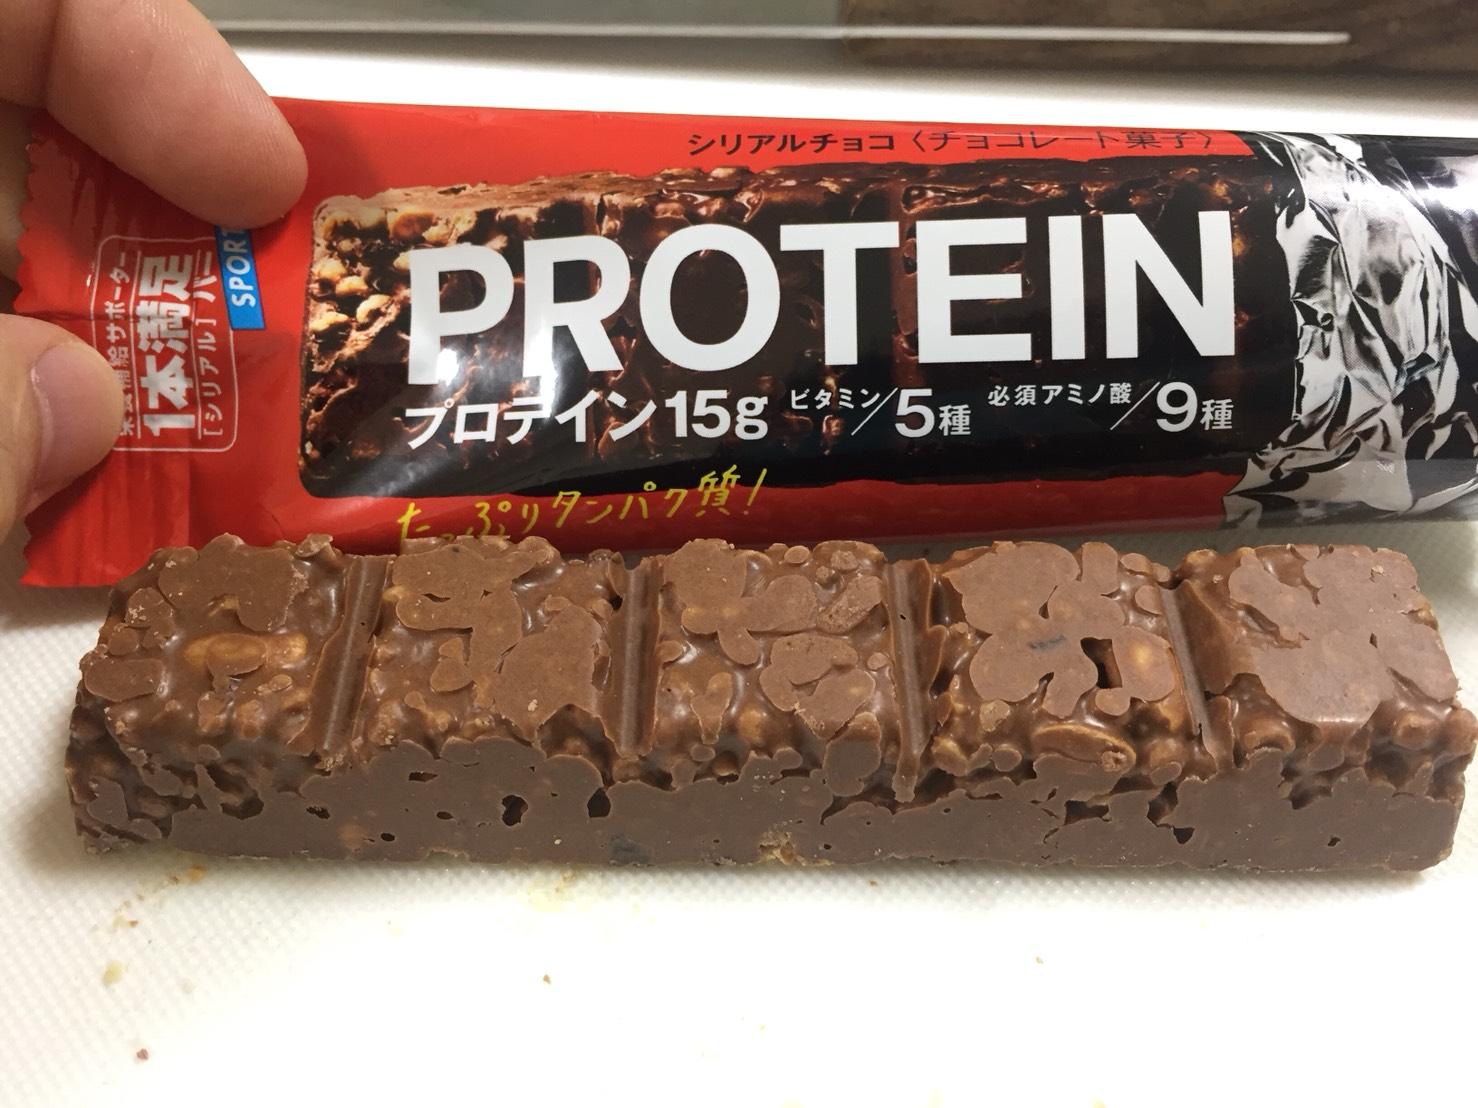 1本満足バー:シリアルチョコ味(タンパク質15g)